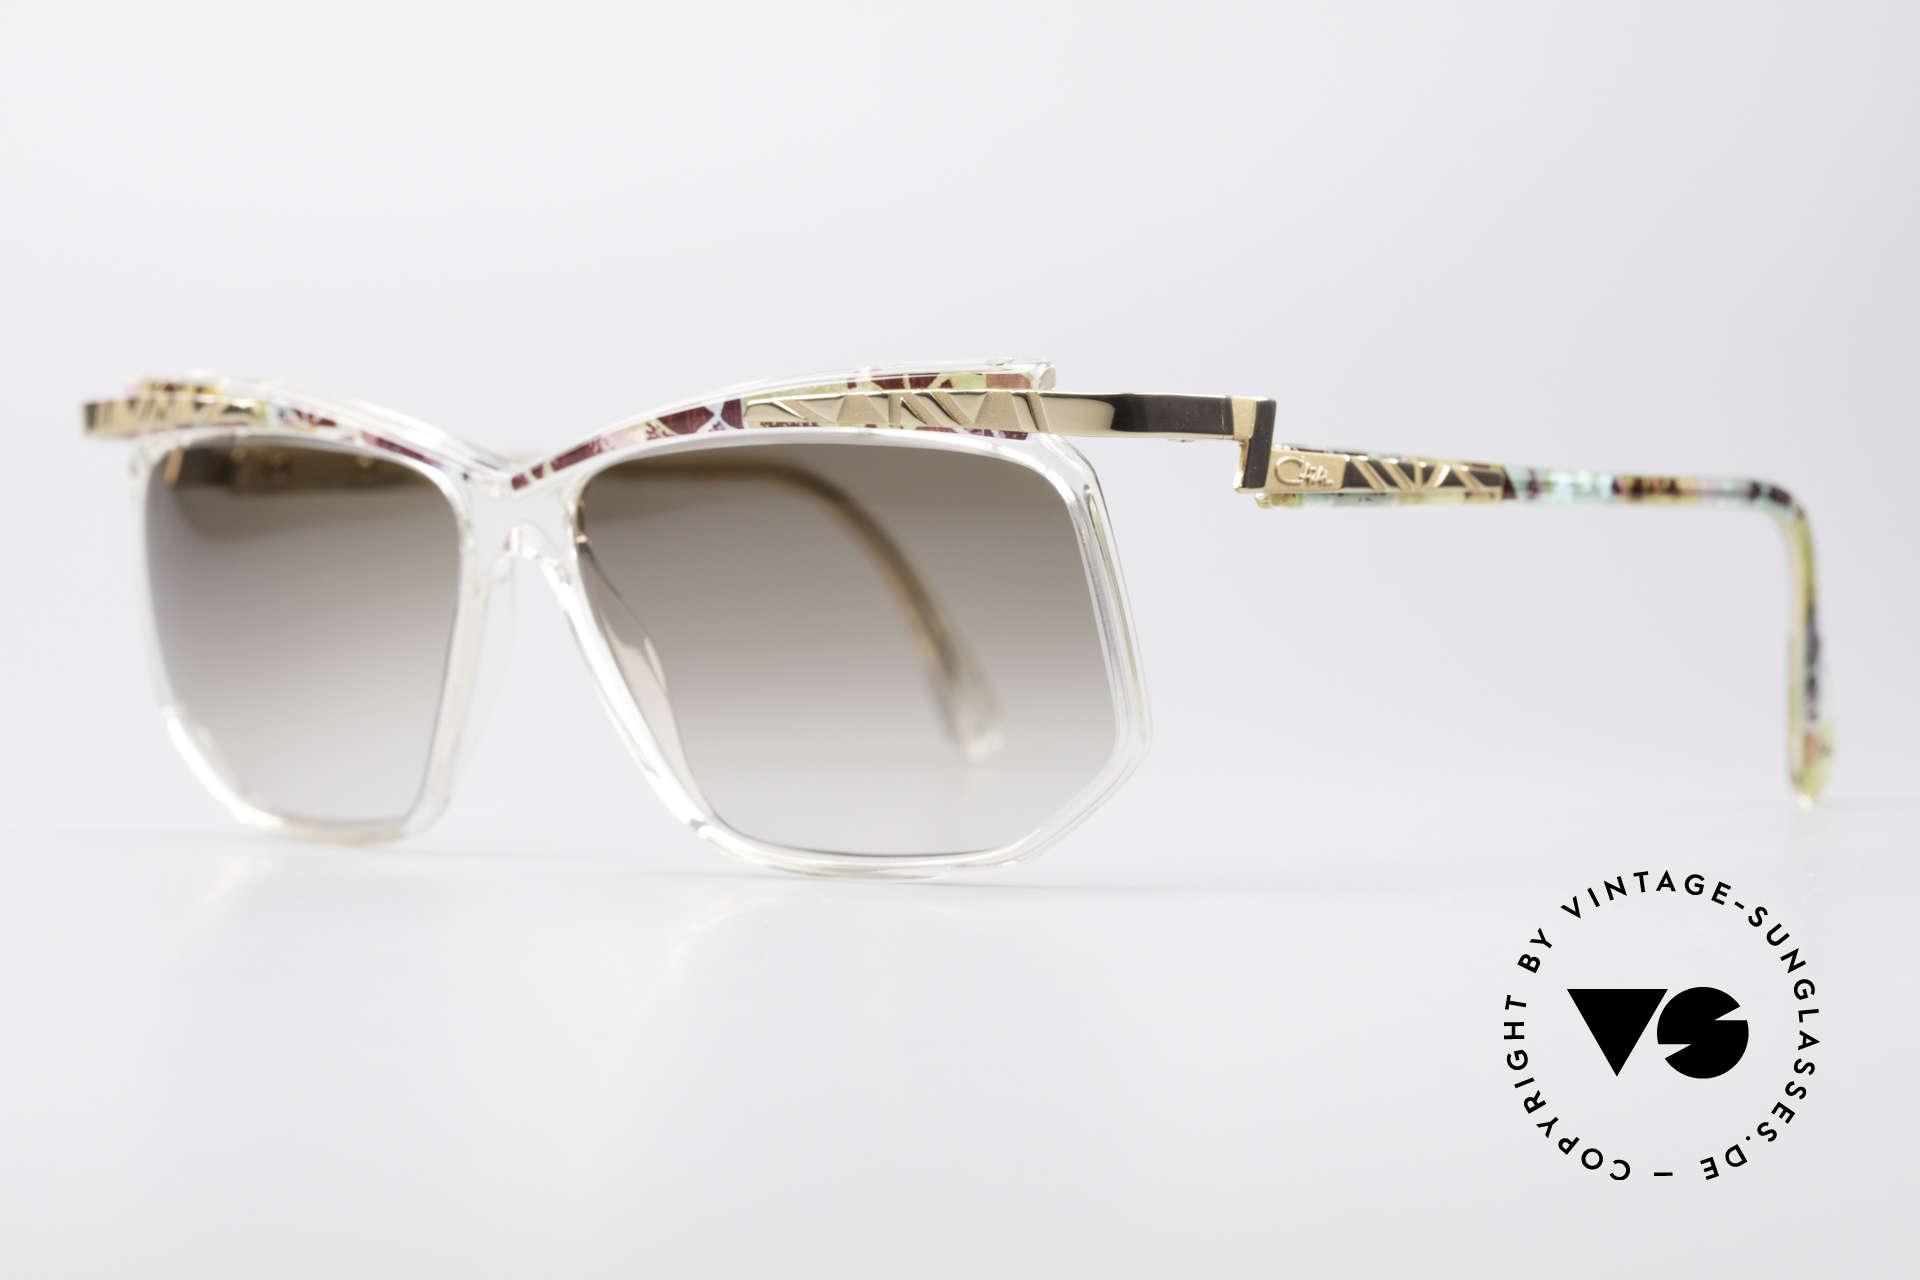 Cazal 366 Vintage 90er Hip Hop Brille, in Passau gefertigt - daher auch 'FRAME GERMANY', Passend für Herren und Damen